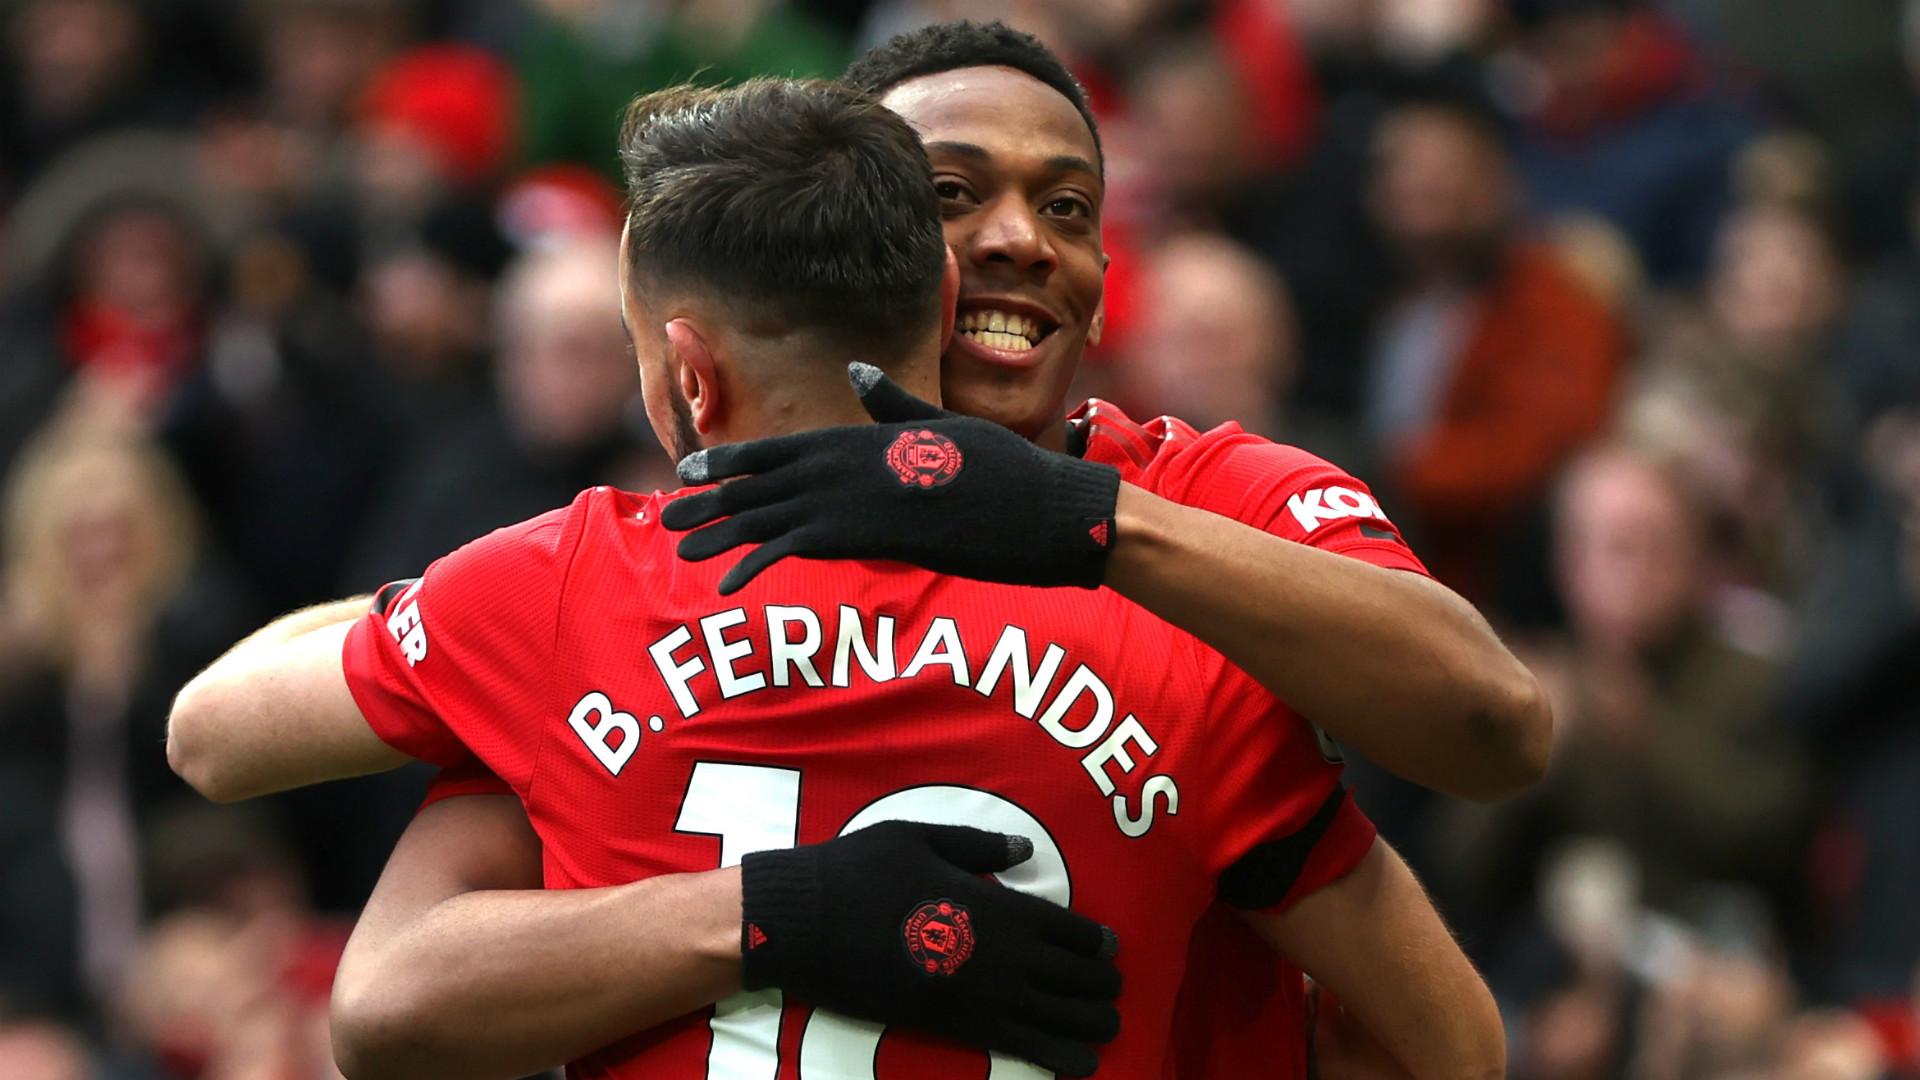 Sao Man Utd nào hay nhất trận Watford? 91,4% fan chỉ rõ 1 người l Bruno Fernandes - Bóng Đá